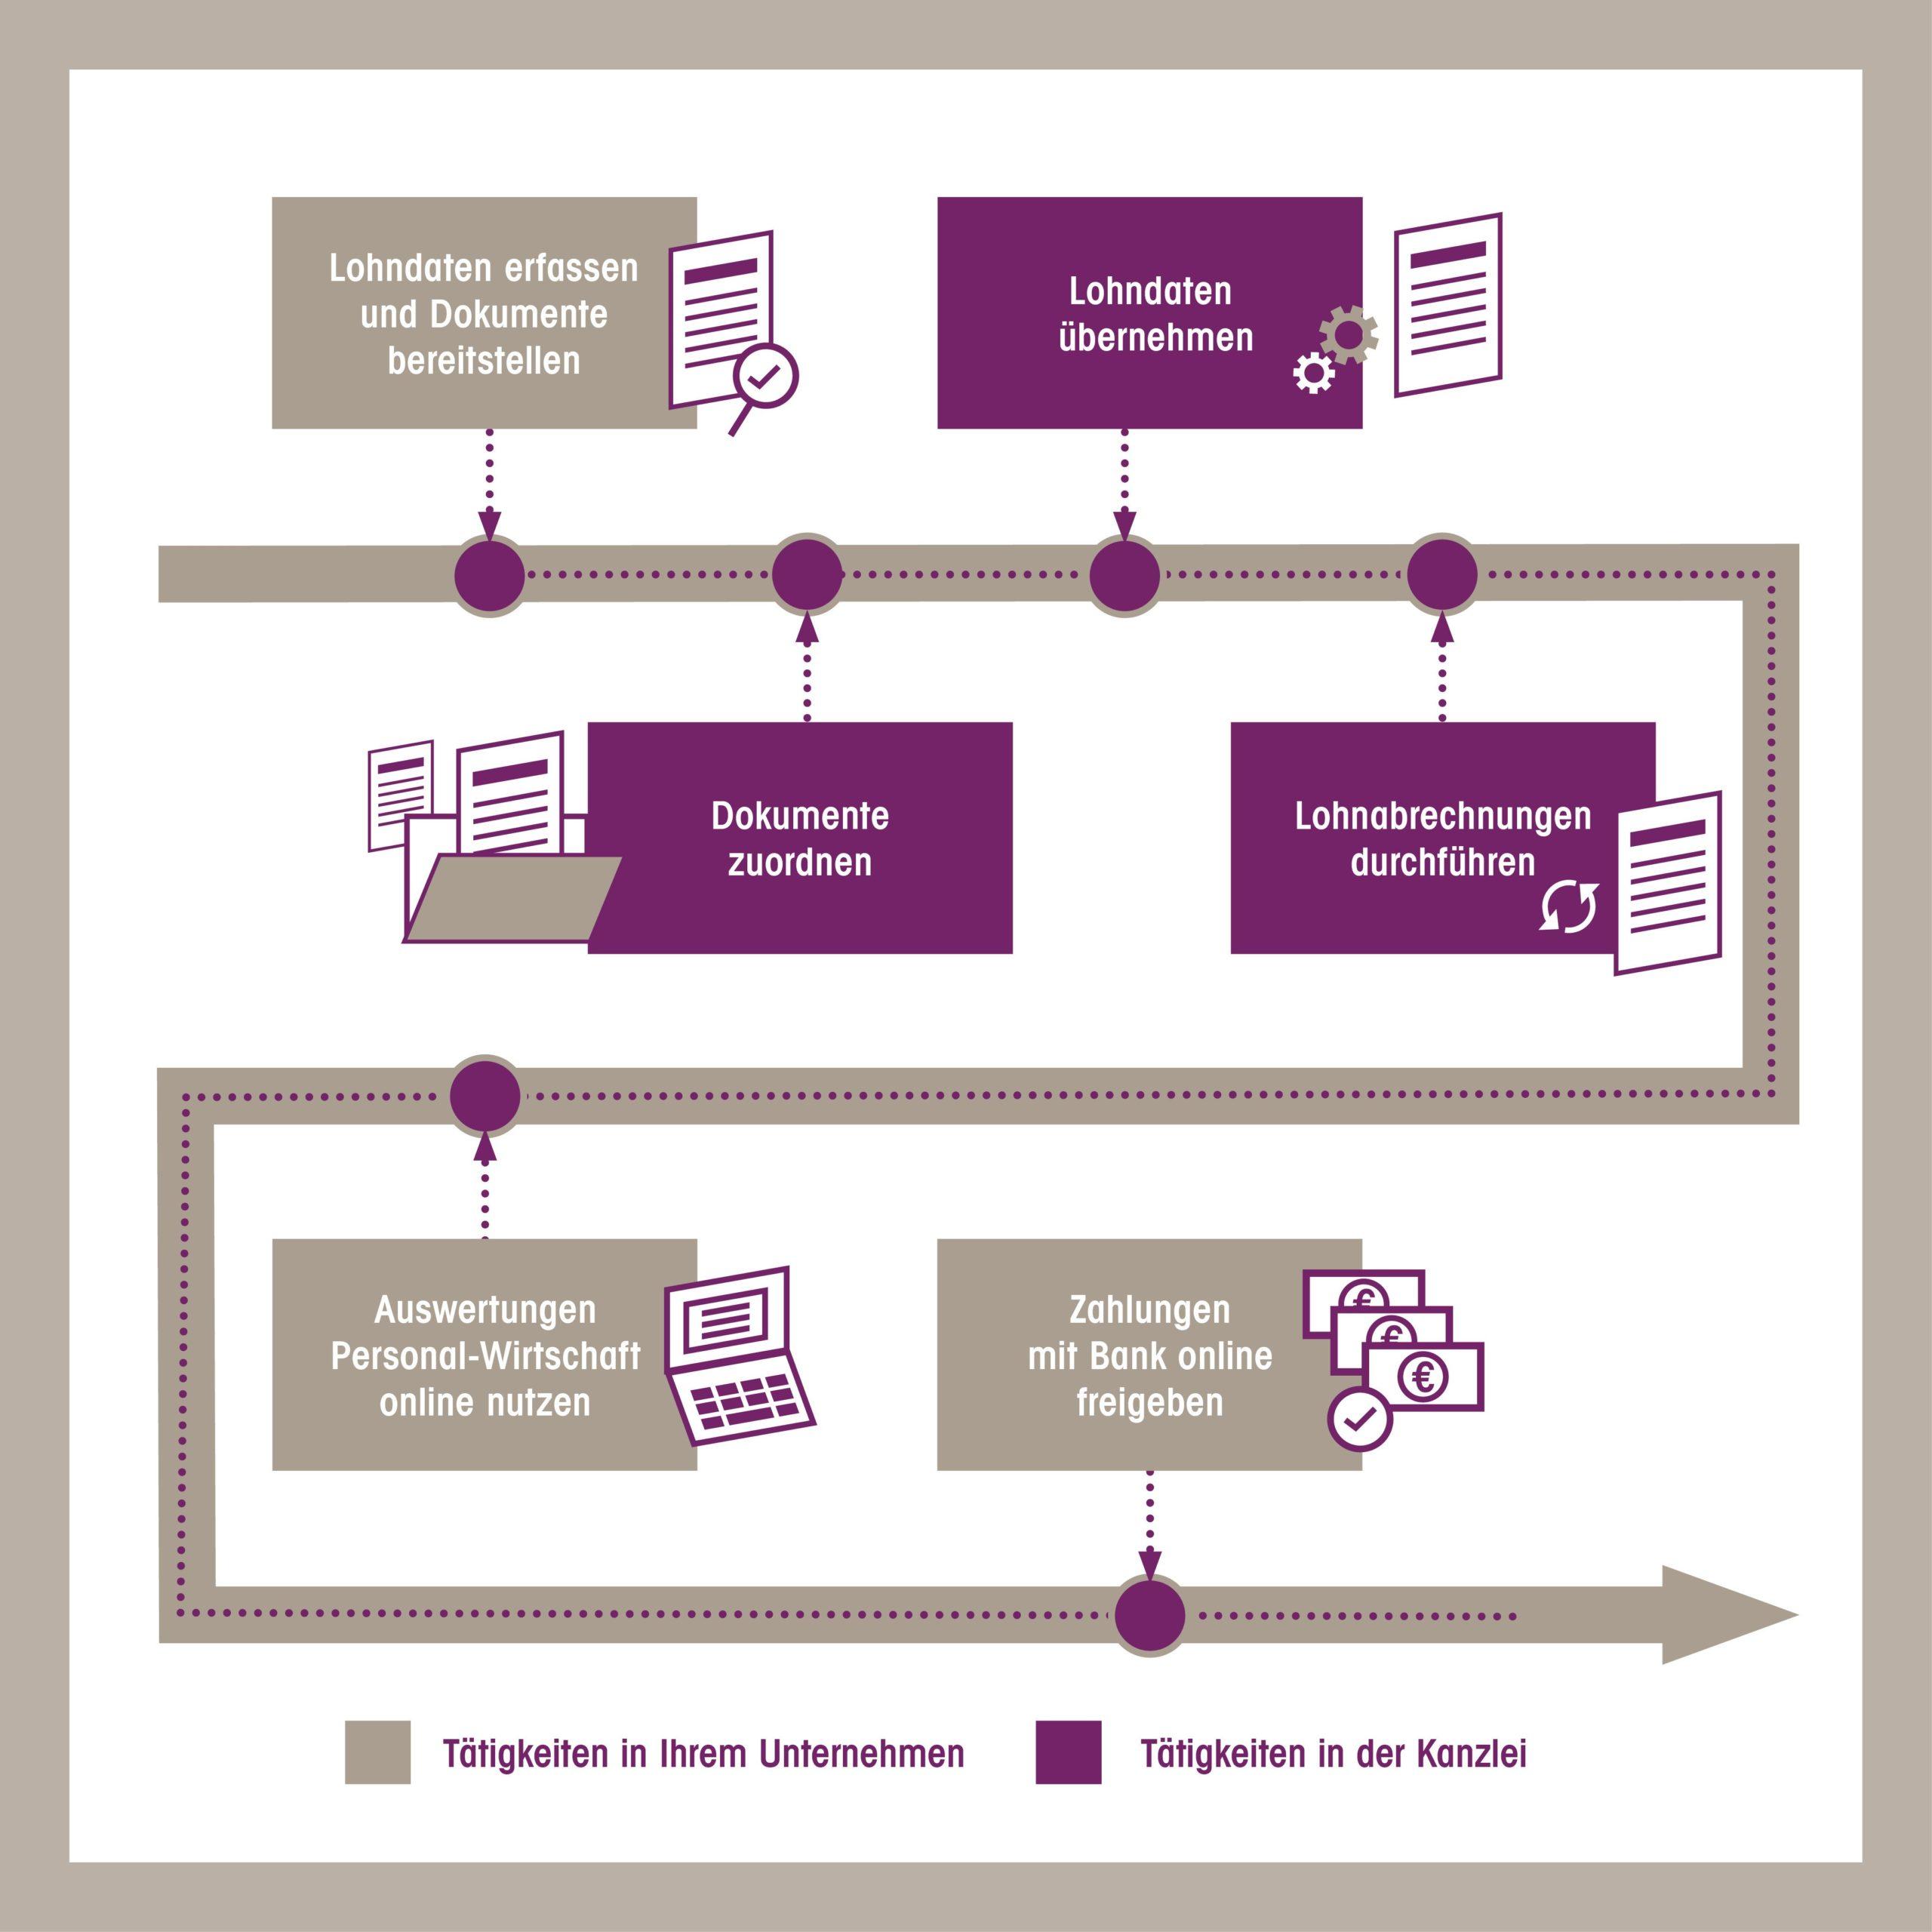 Prozess Lohnbuchhaltung digital